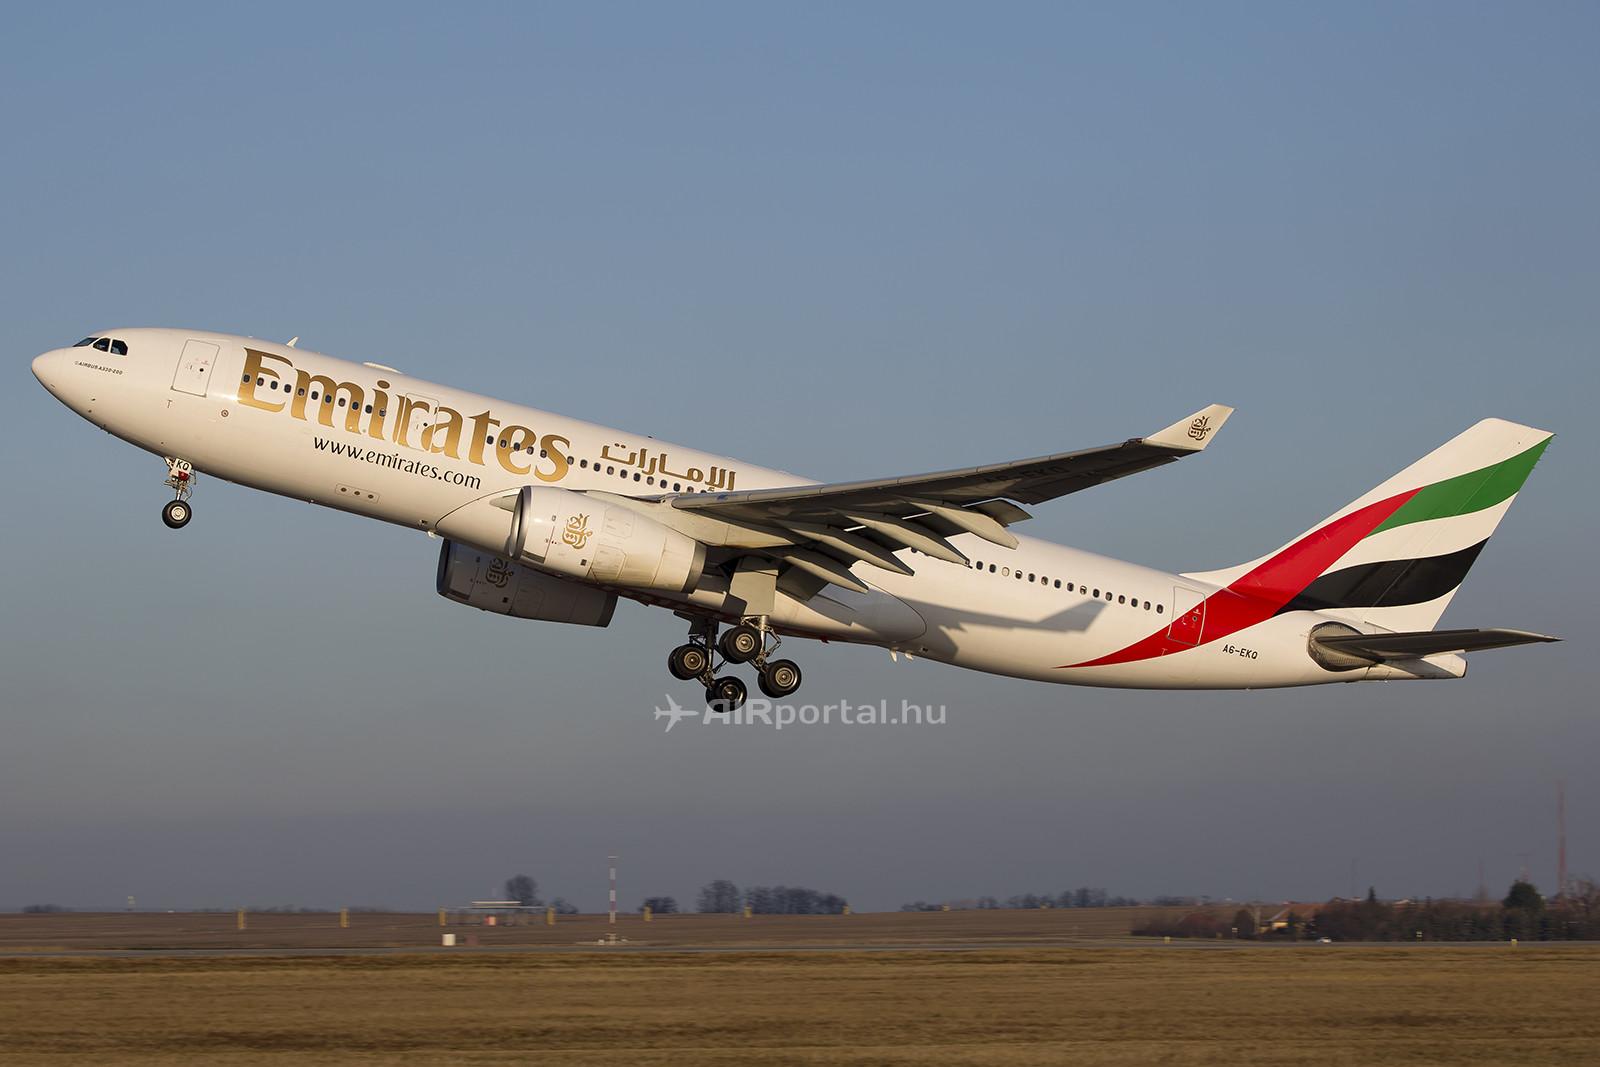 Emirates Airbus A330-200 felszállás közben Ferihegyről. (Fotó: AIRportal.hu)   © AIRportal.hu